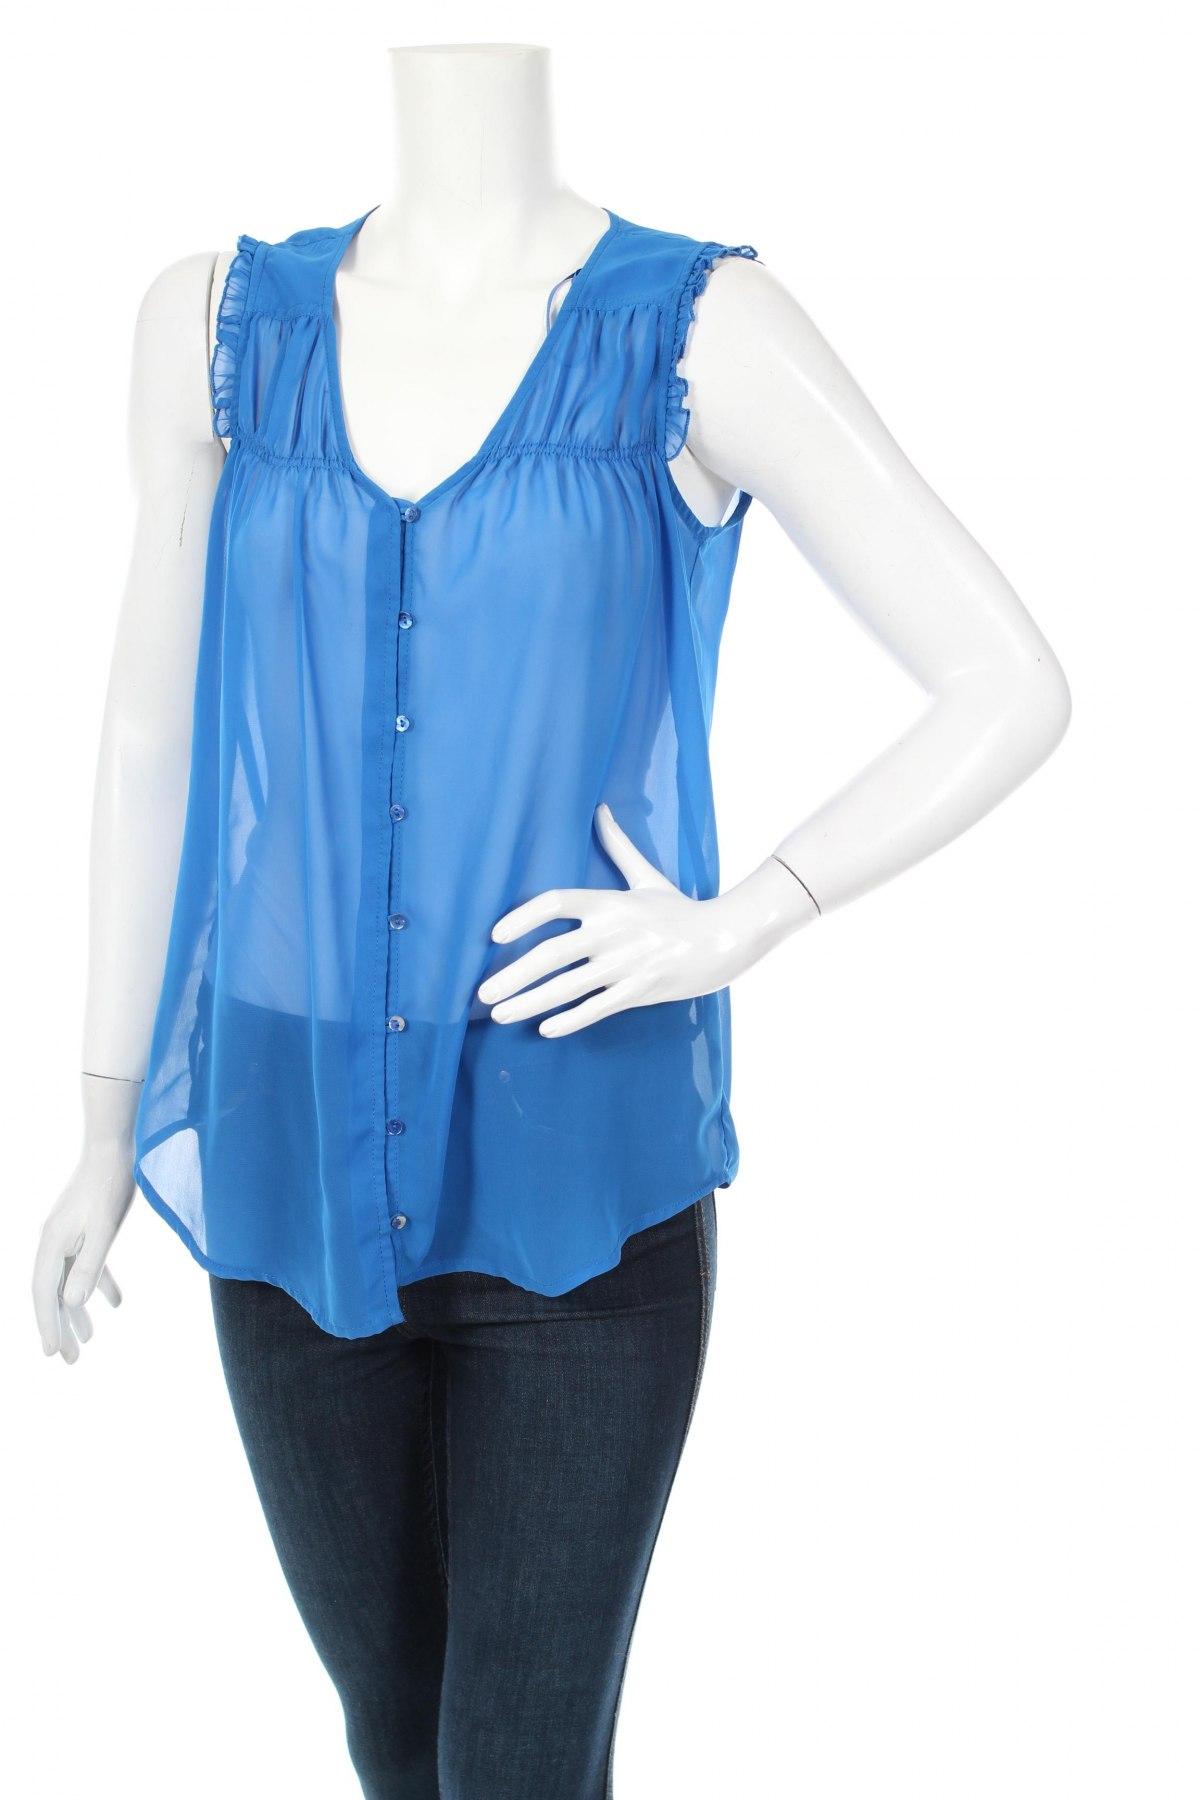 Γυναικείο πουκάμισο Zara Trafaluc